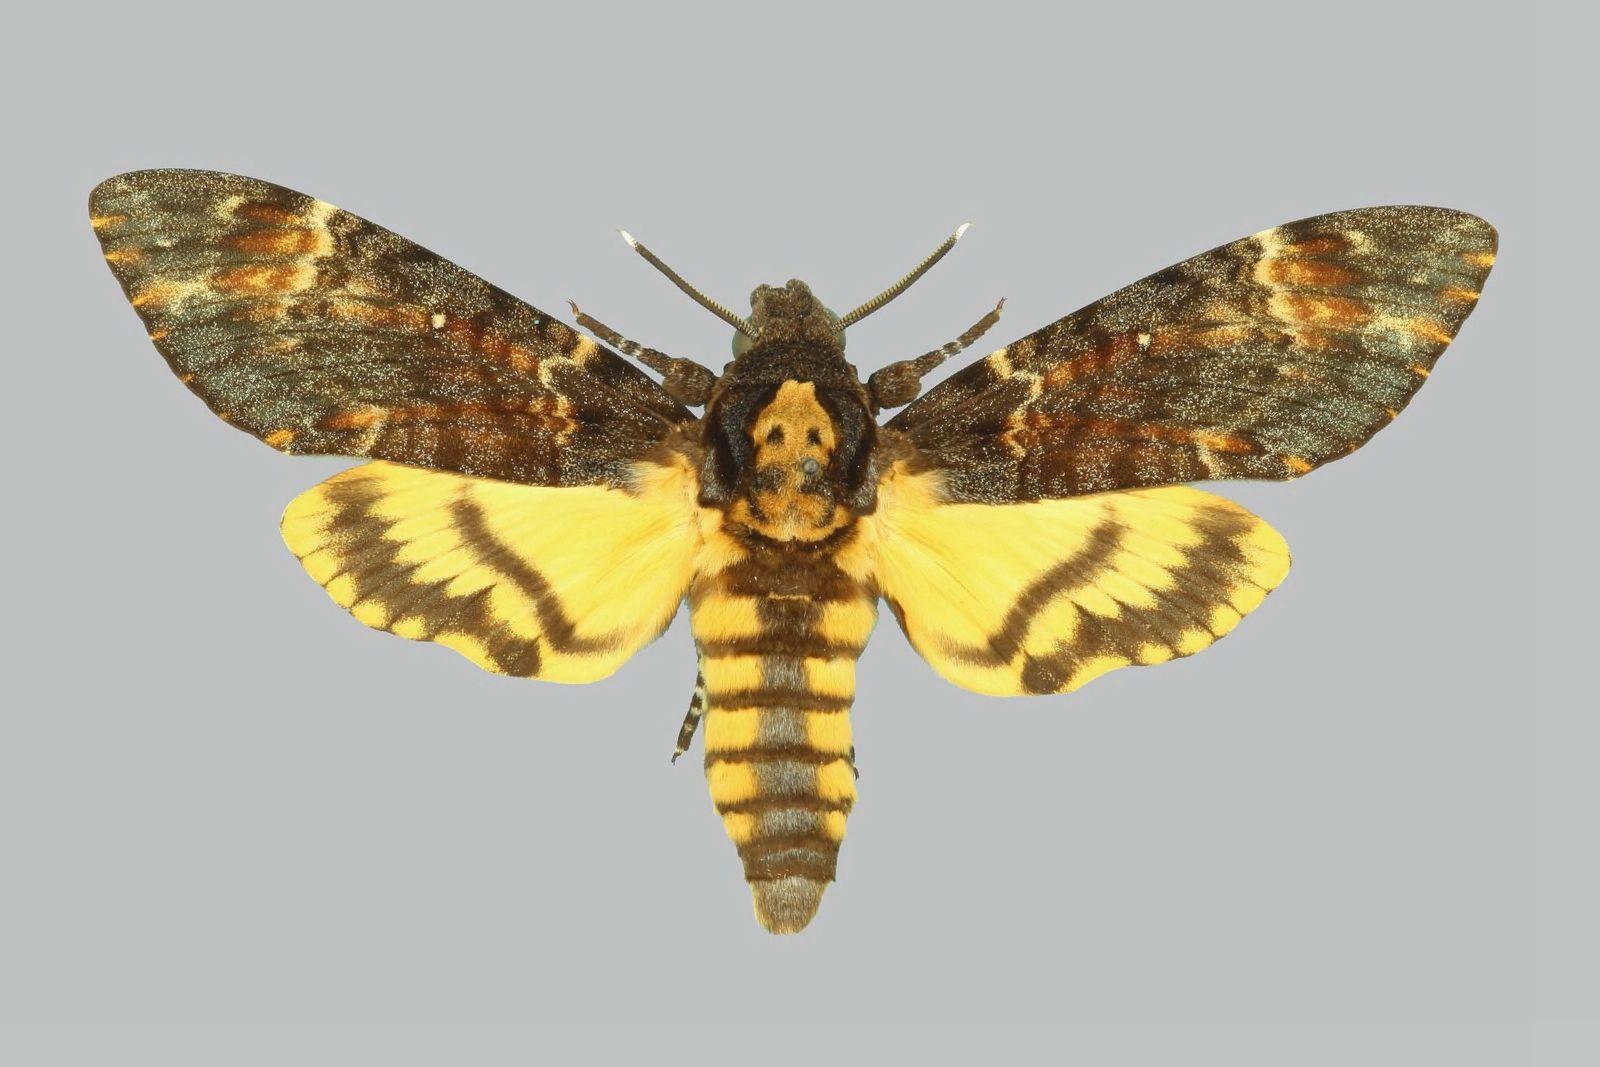 """Как выглядит бабочка """"мертвая голова"""". гусеница бабочки """"мертвая голова"""""""